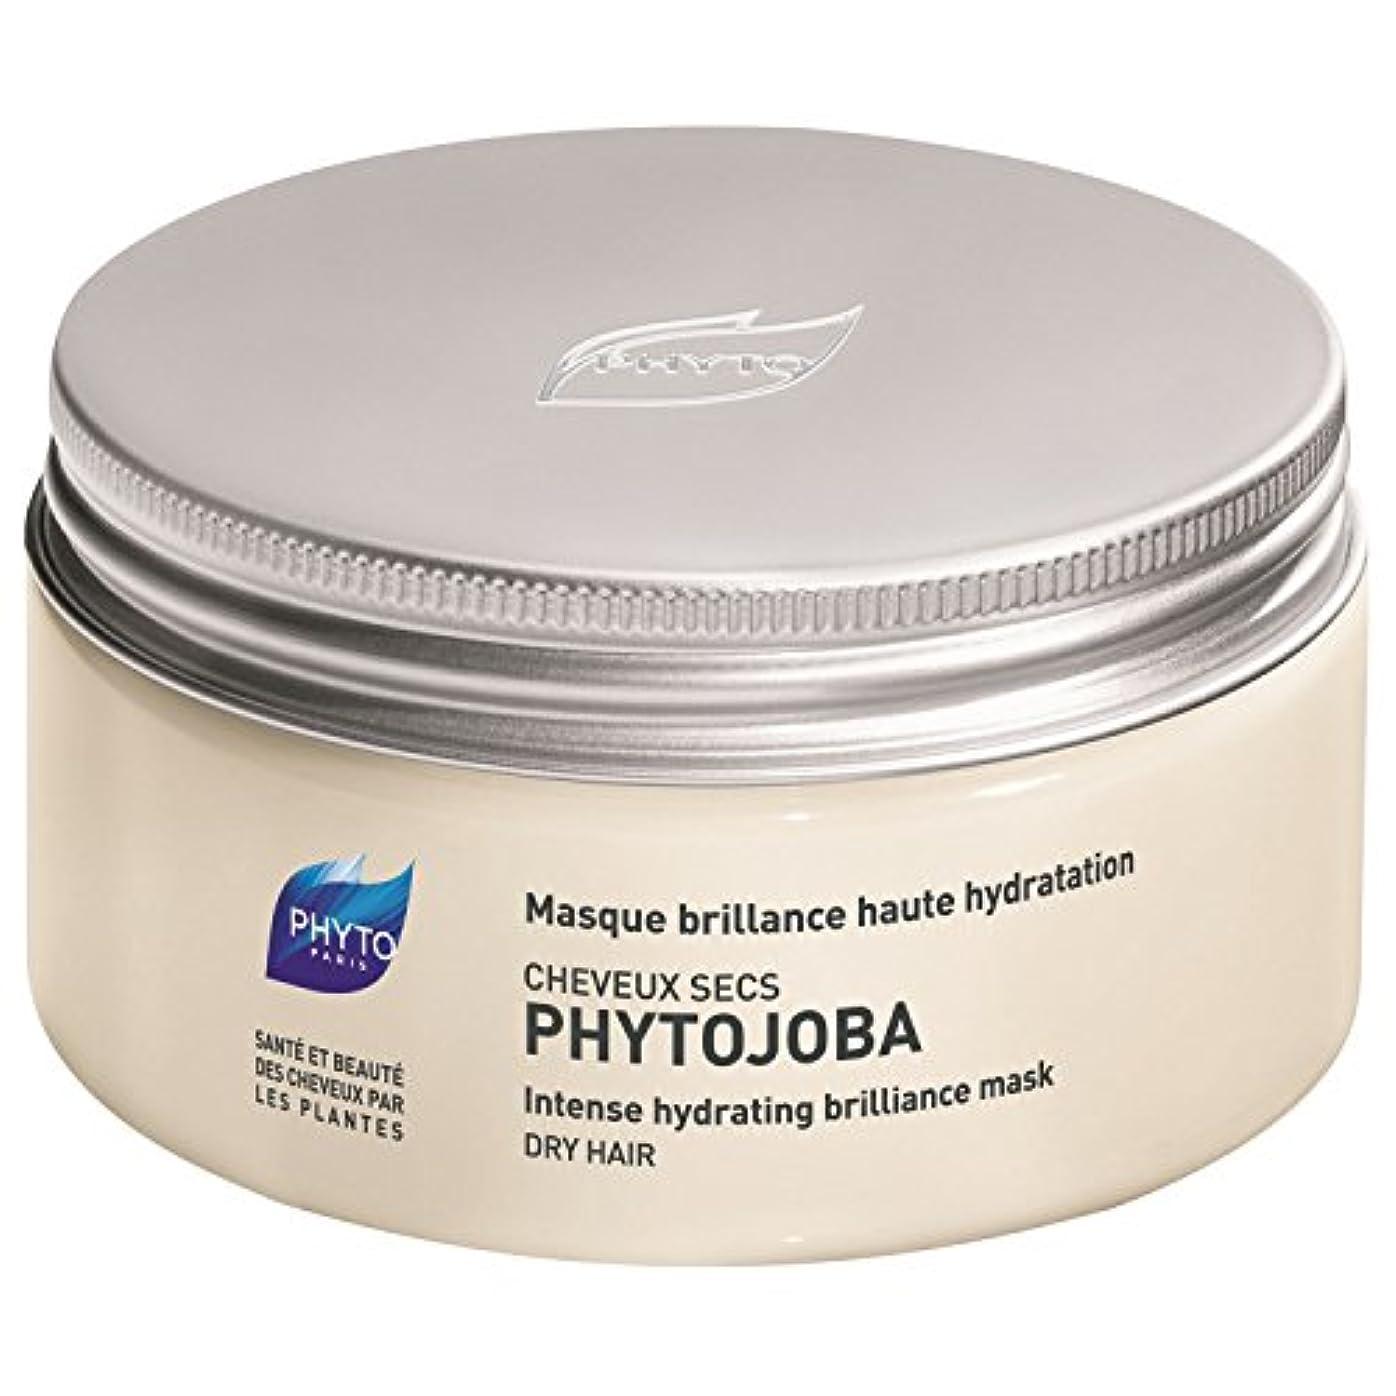 爆風ネックレスぴかぴかフィトPhytojoba強烈な水分補給マスク200ミリリットル (Phyto) (x6) - Phyto Phytojoba Intense Hydrating Mask 200ml (Pack of 6) [並行輸入品]